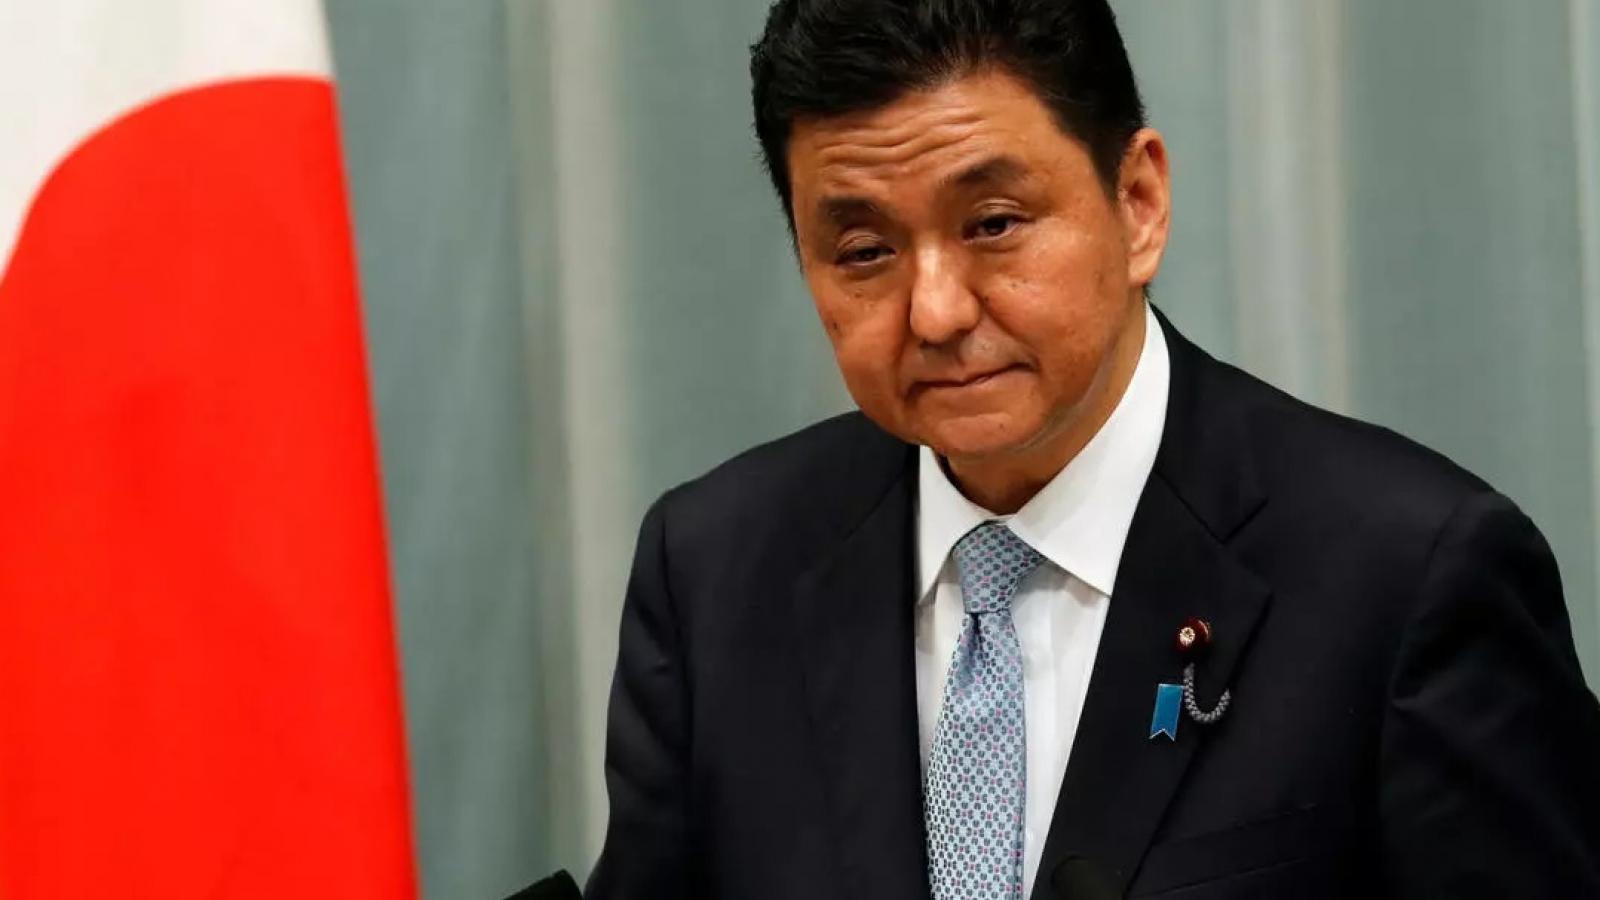 Nhật Bản, Indonesia phản đối mạnh mẽ hành động của Trung Quốc ở các vùng biển khu vực